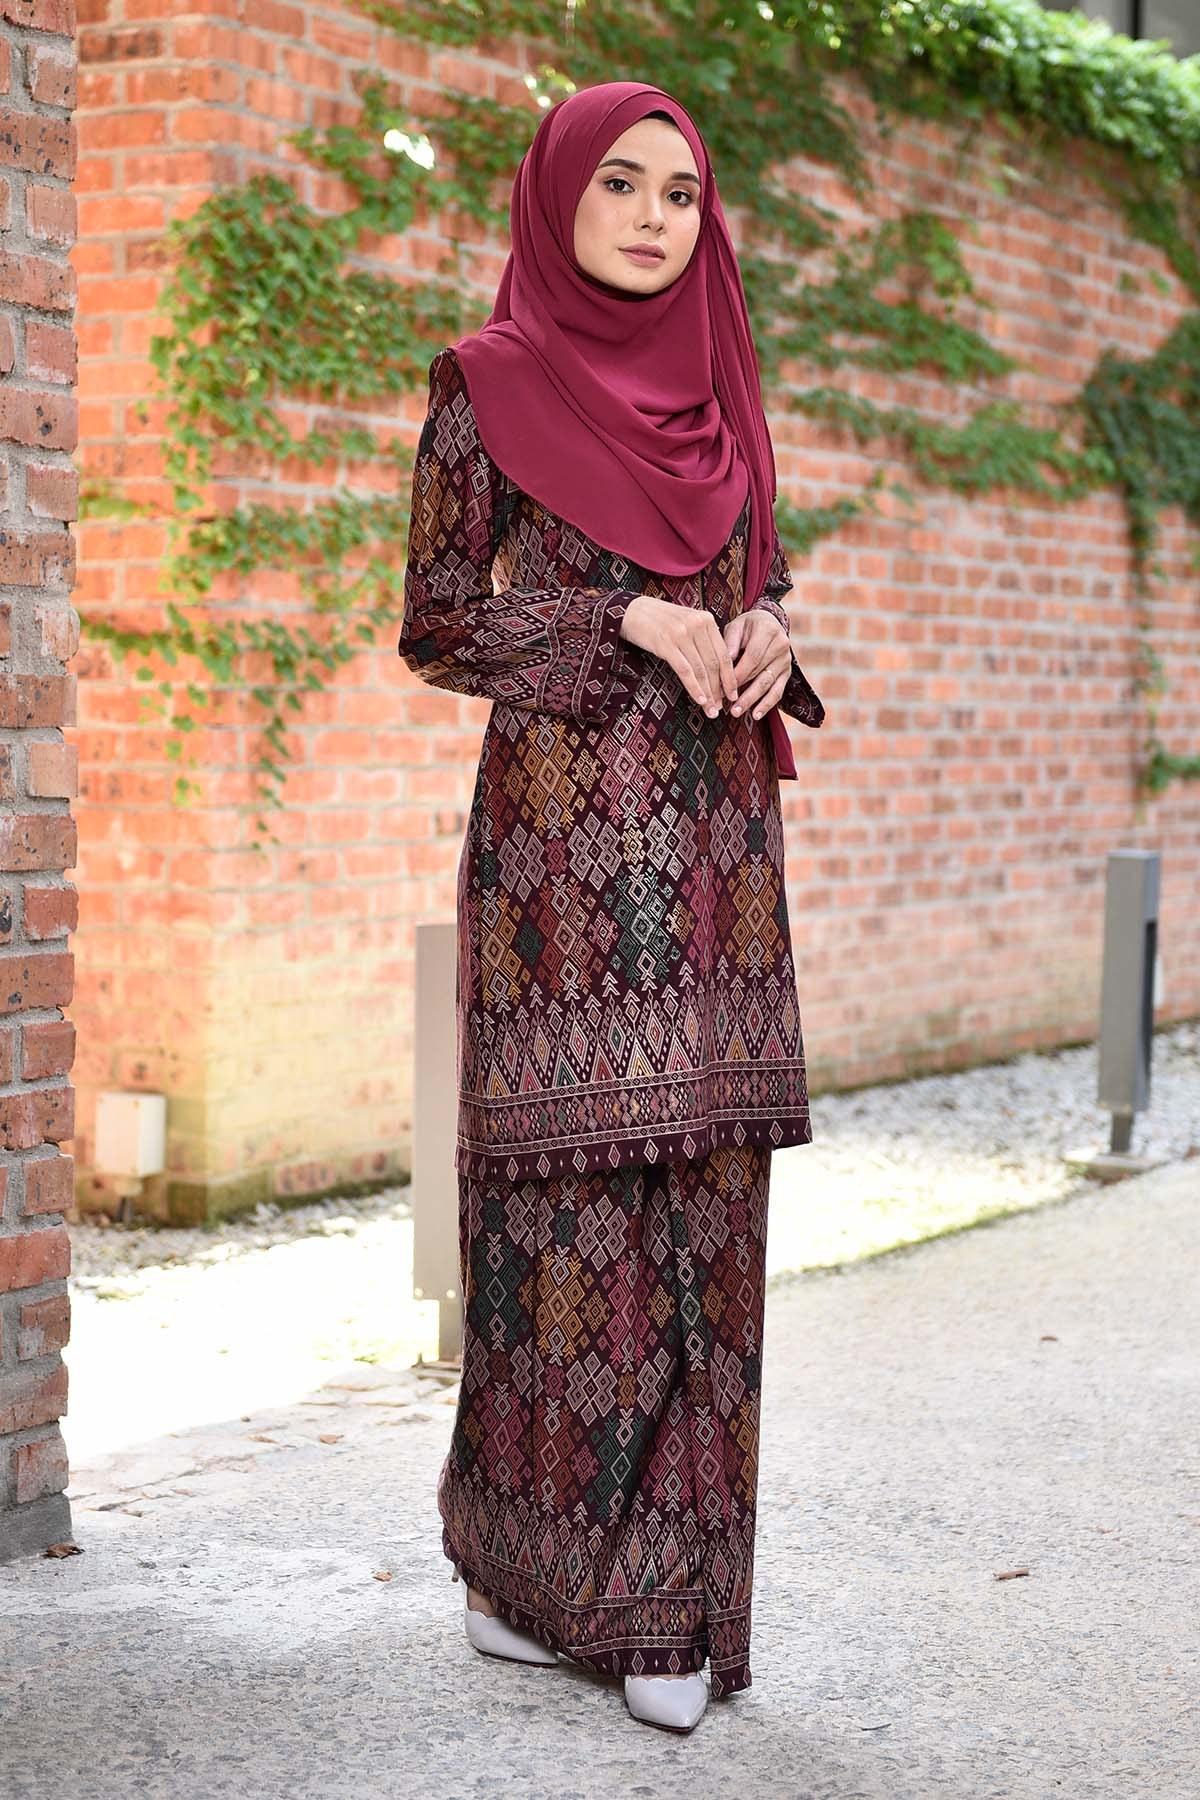 Model Model Baju Bridesmaid Hijab Irdz Baju Kurung songket Luella Deep Maroon